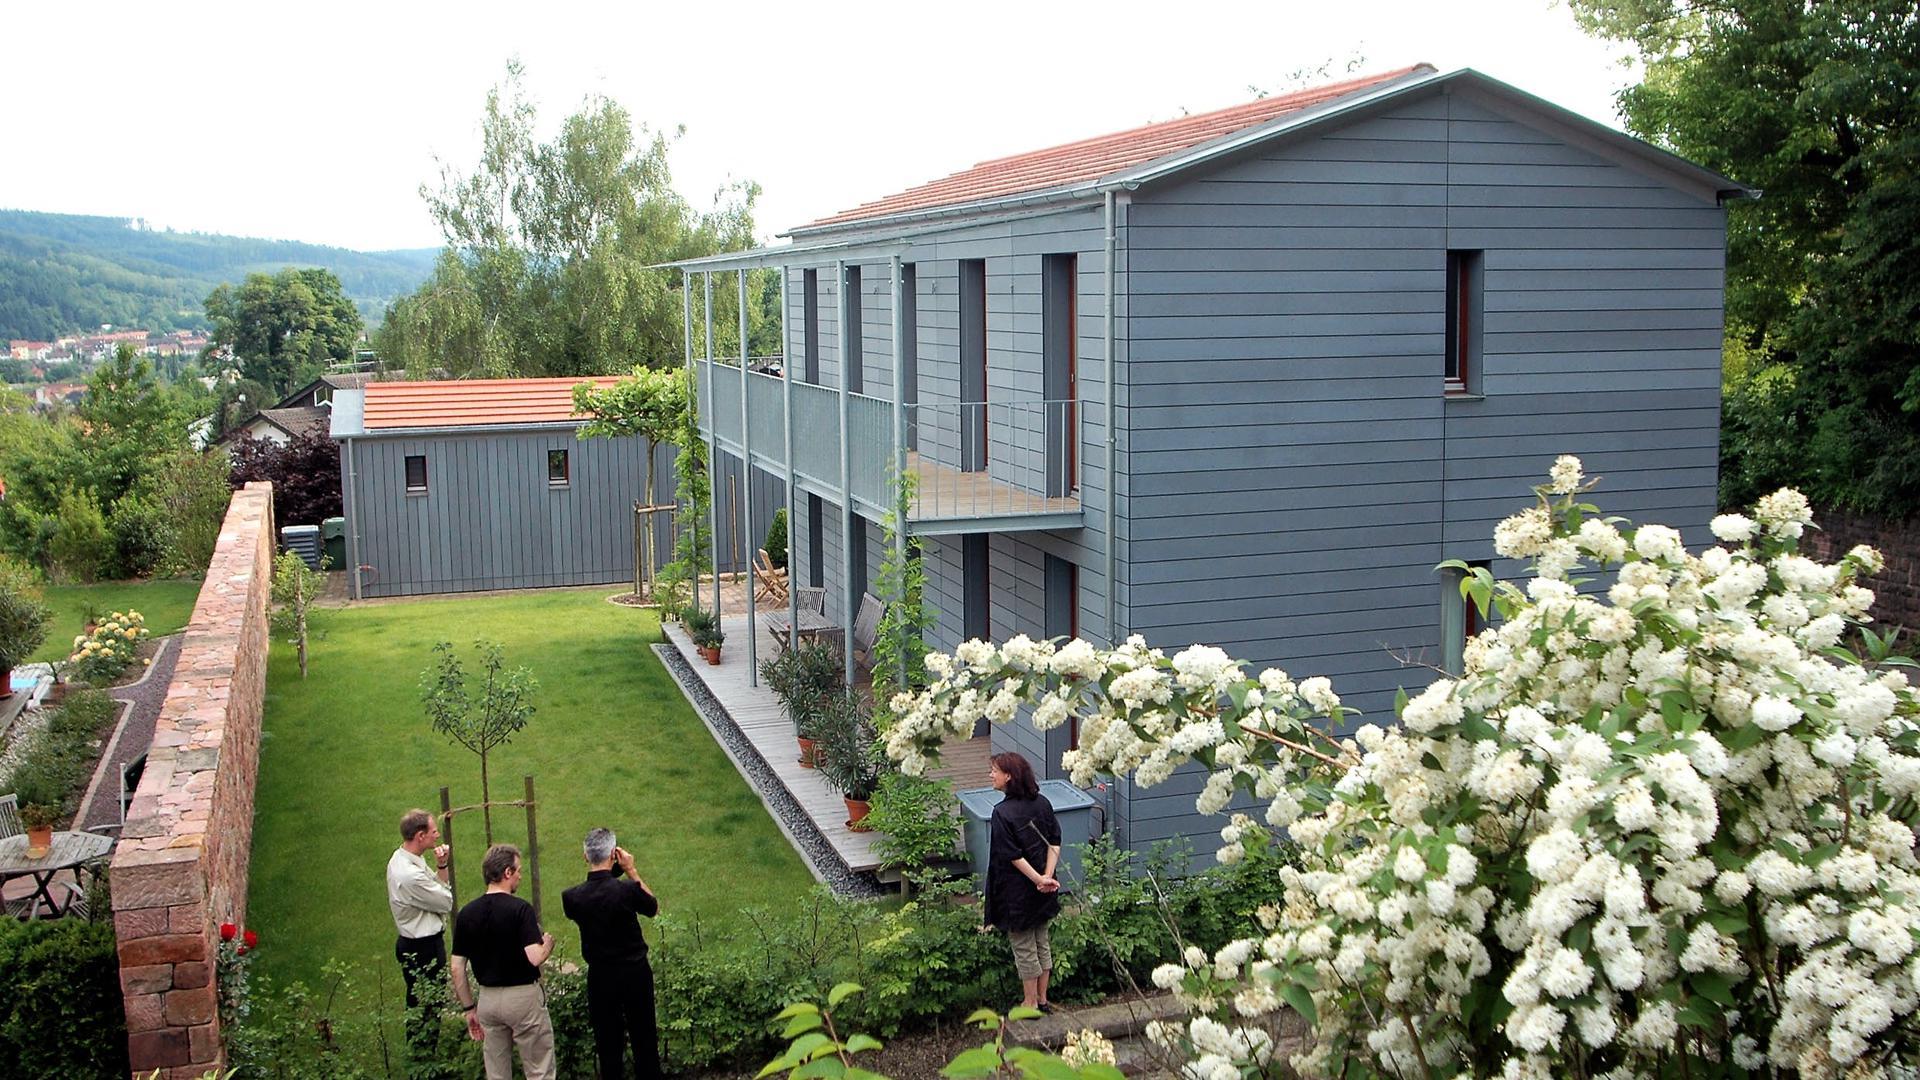 Das Einfamilienhaus des Architekten Richard Stihler in Lahr wurde 2005 vom Bund Deutscher Architekten (BDA) ausgezeichnet.